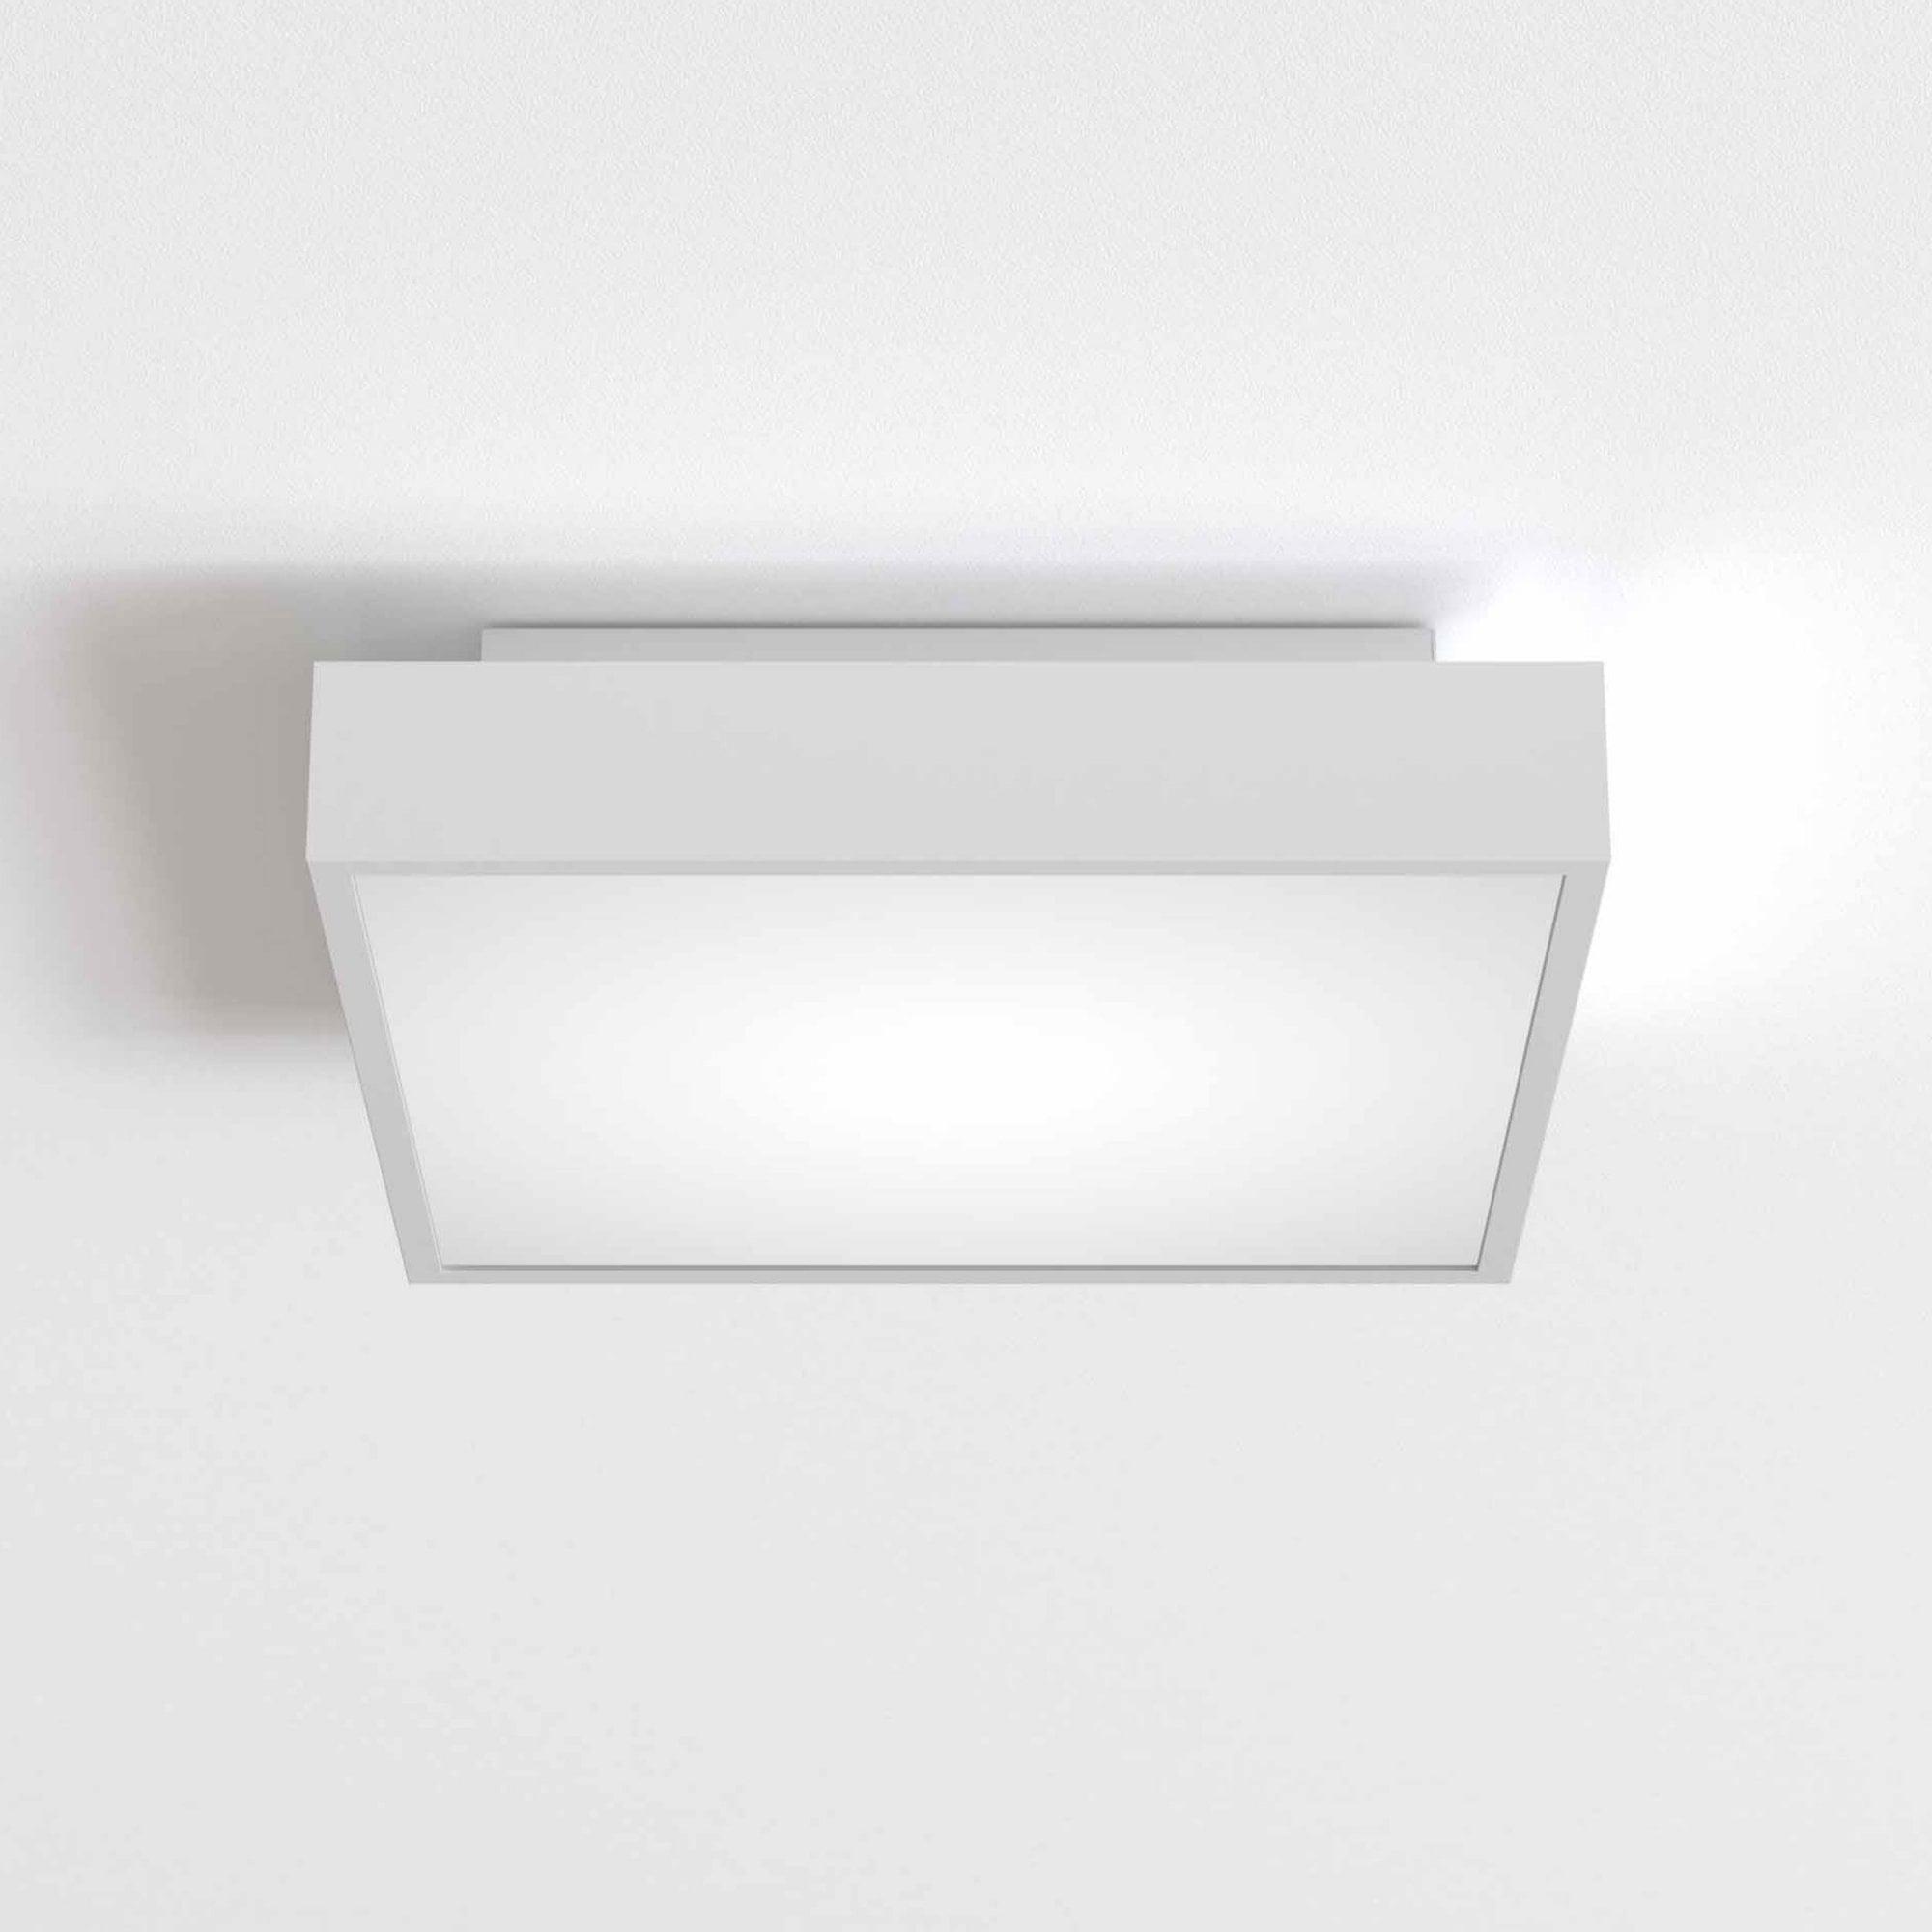 Astro Lighting Taketa 400 Led Bathroom Ceiling Light In Matt White